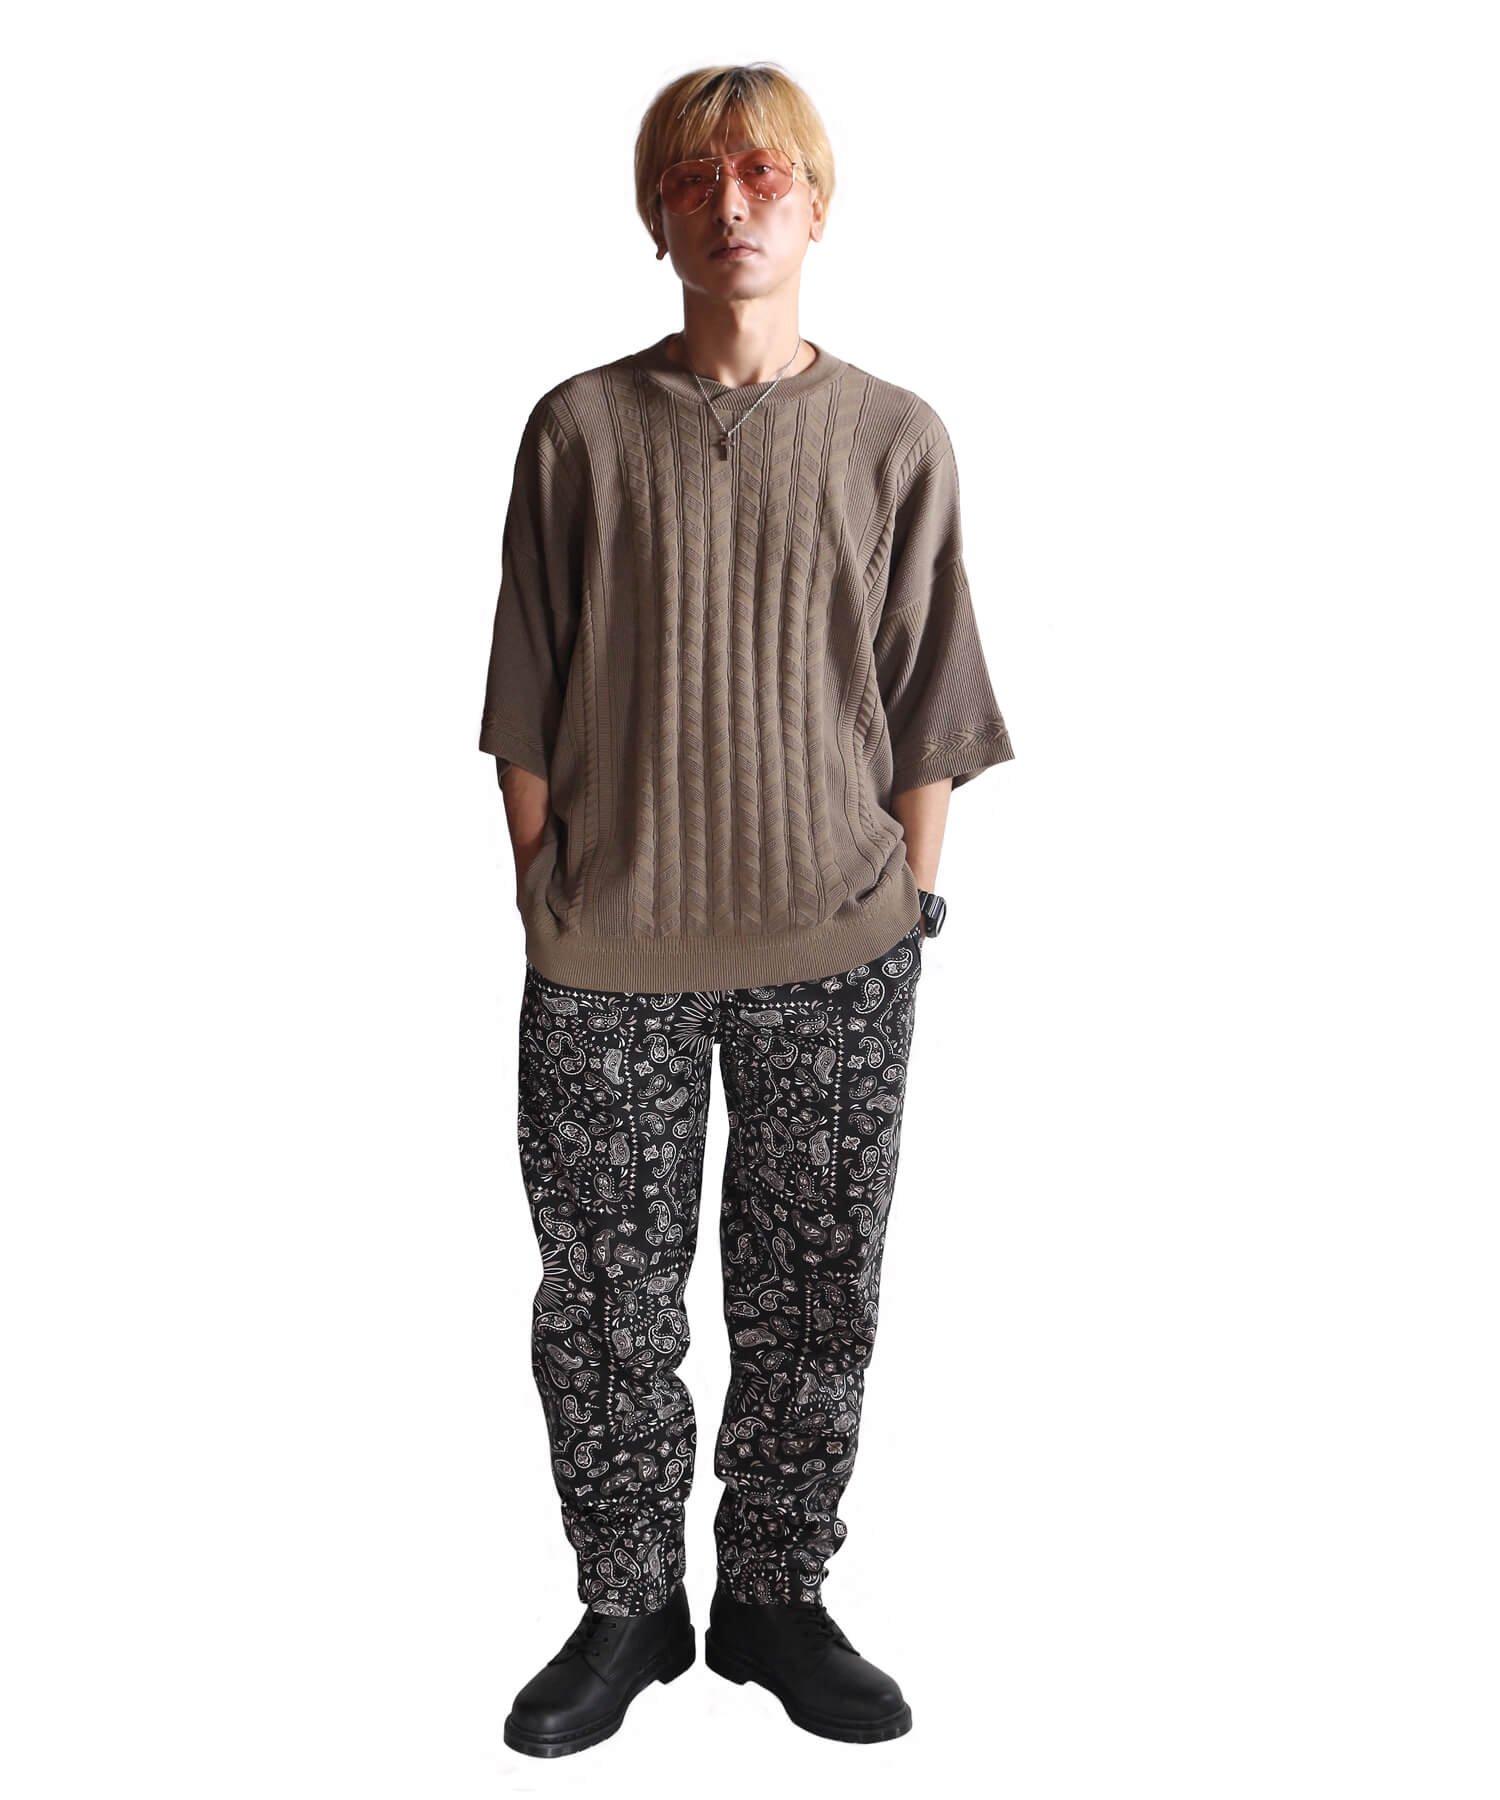 COOKMAN / クックマン   WAITER'S PANTS (PAISLEY BLACK):ウェイターズパンツ 商品画像11